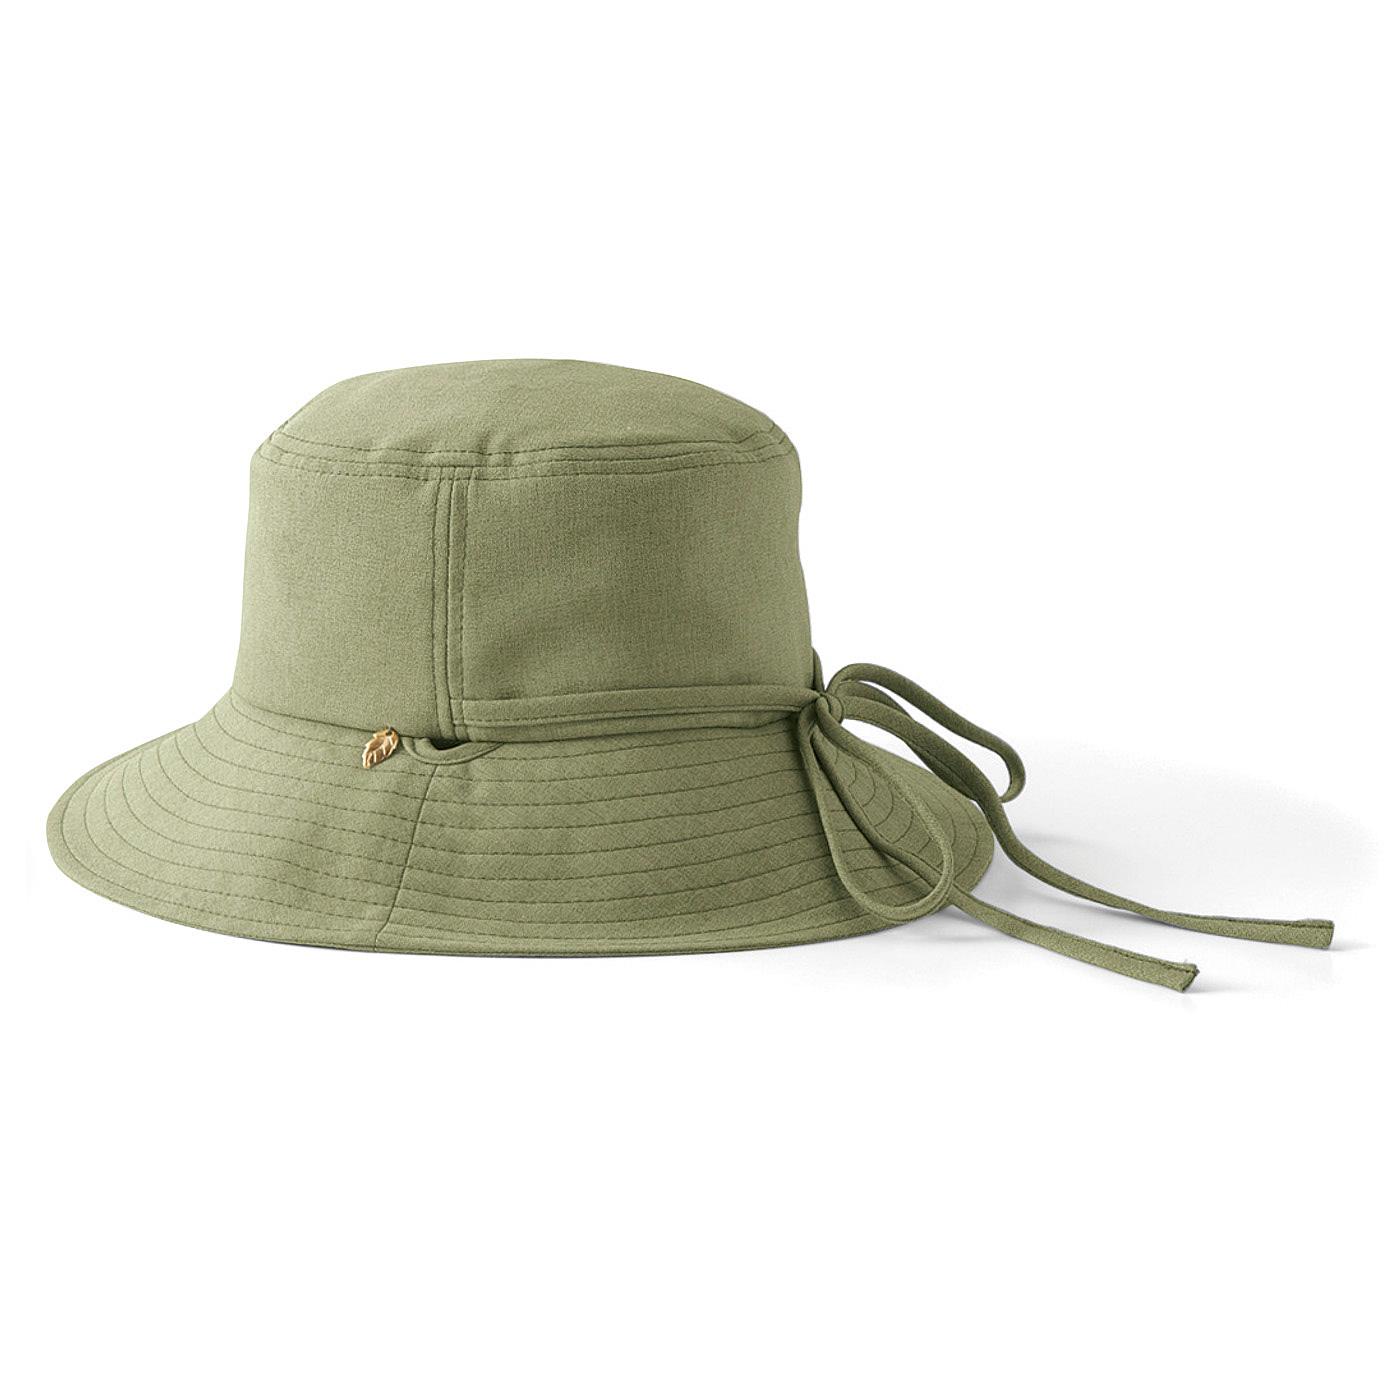 ひもを首もとで結べば風で飛ばない帽子に!